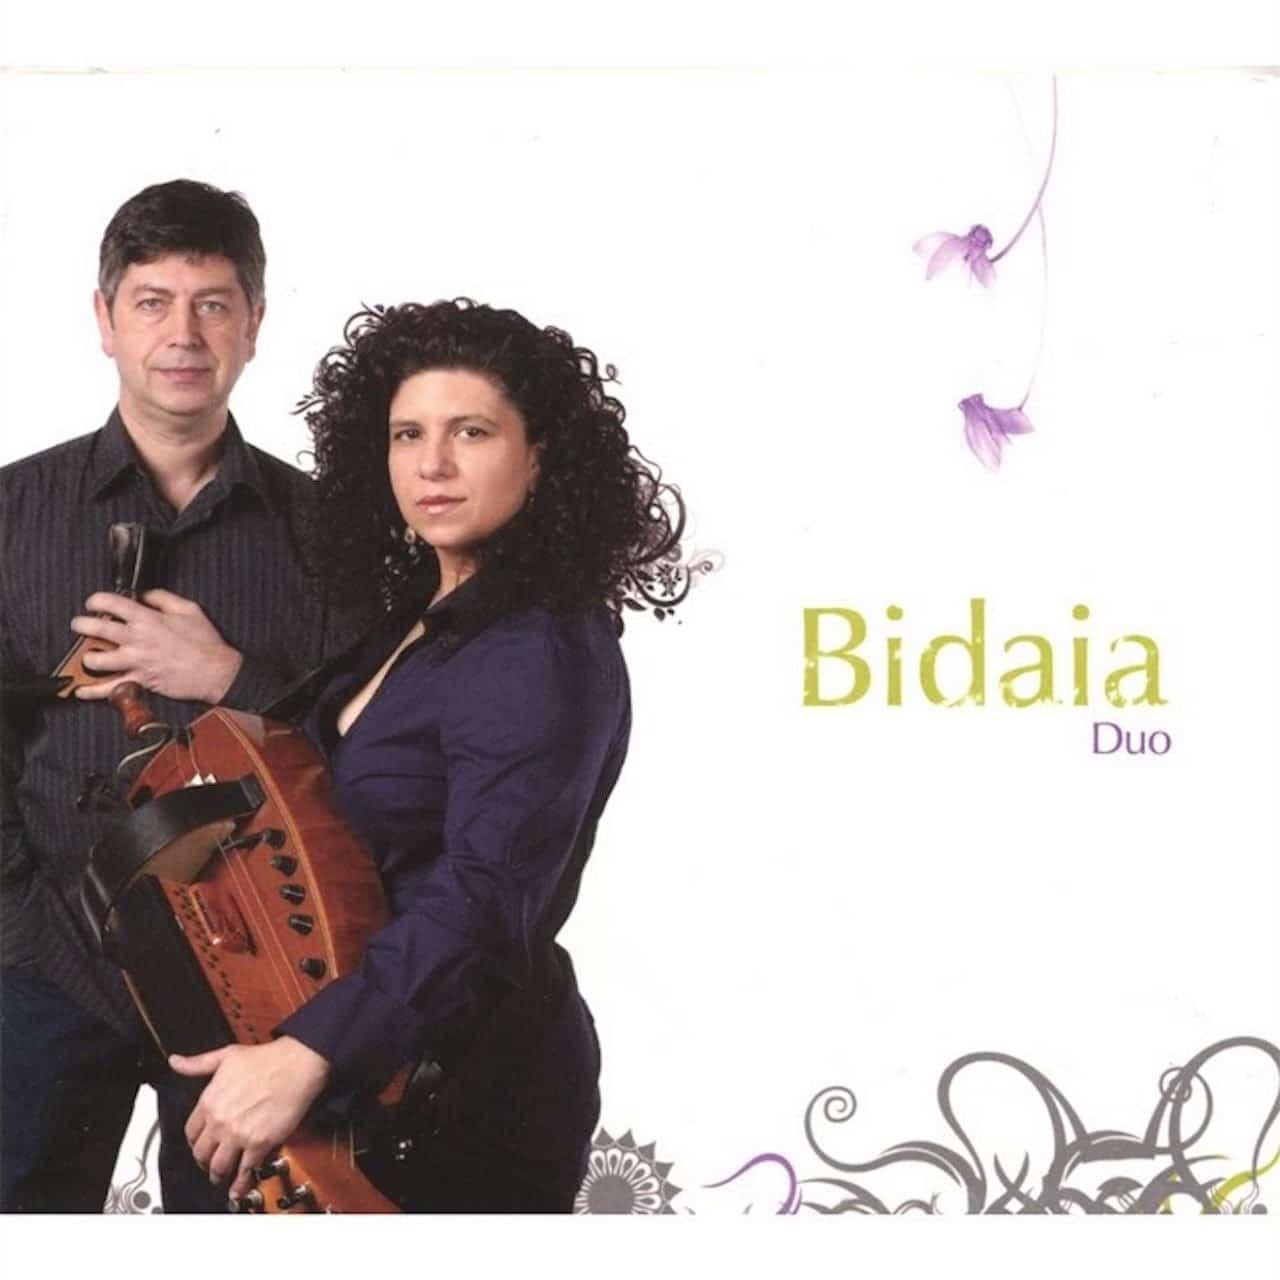 Bidaia - Duo